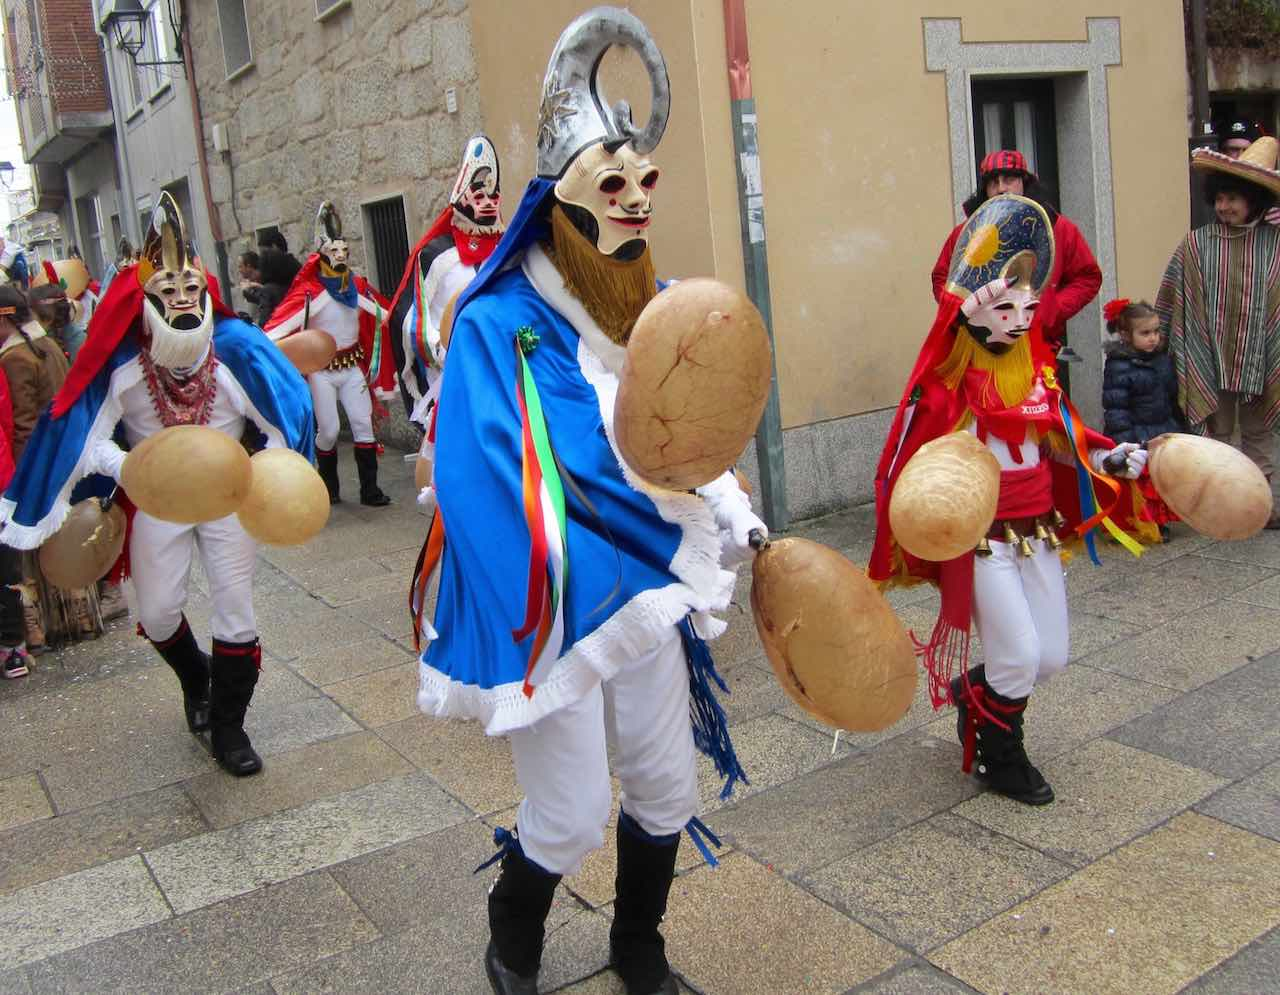 Corriendo el Entroido al ritmo de las pantallas en el Carnaval de Xinzo de Limia, Galicia